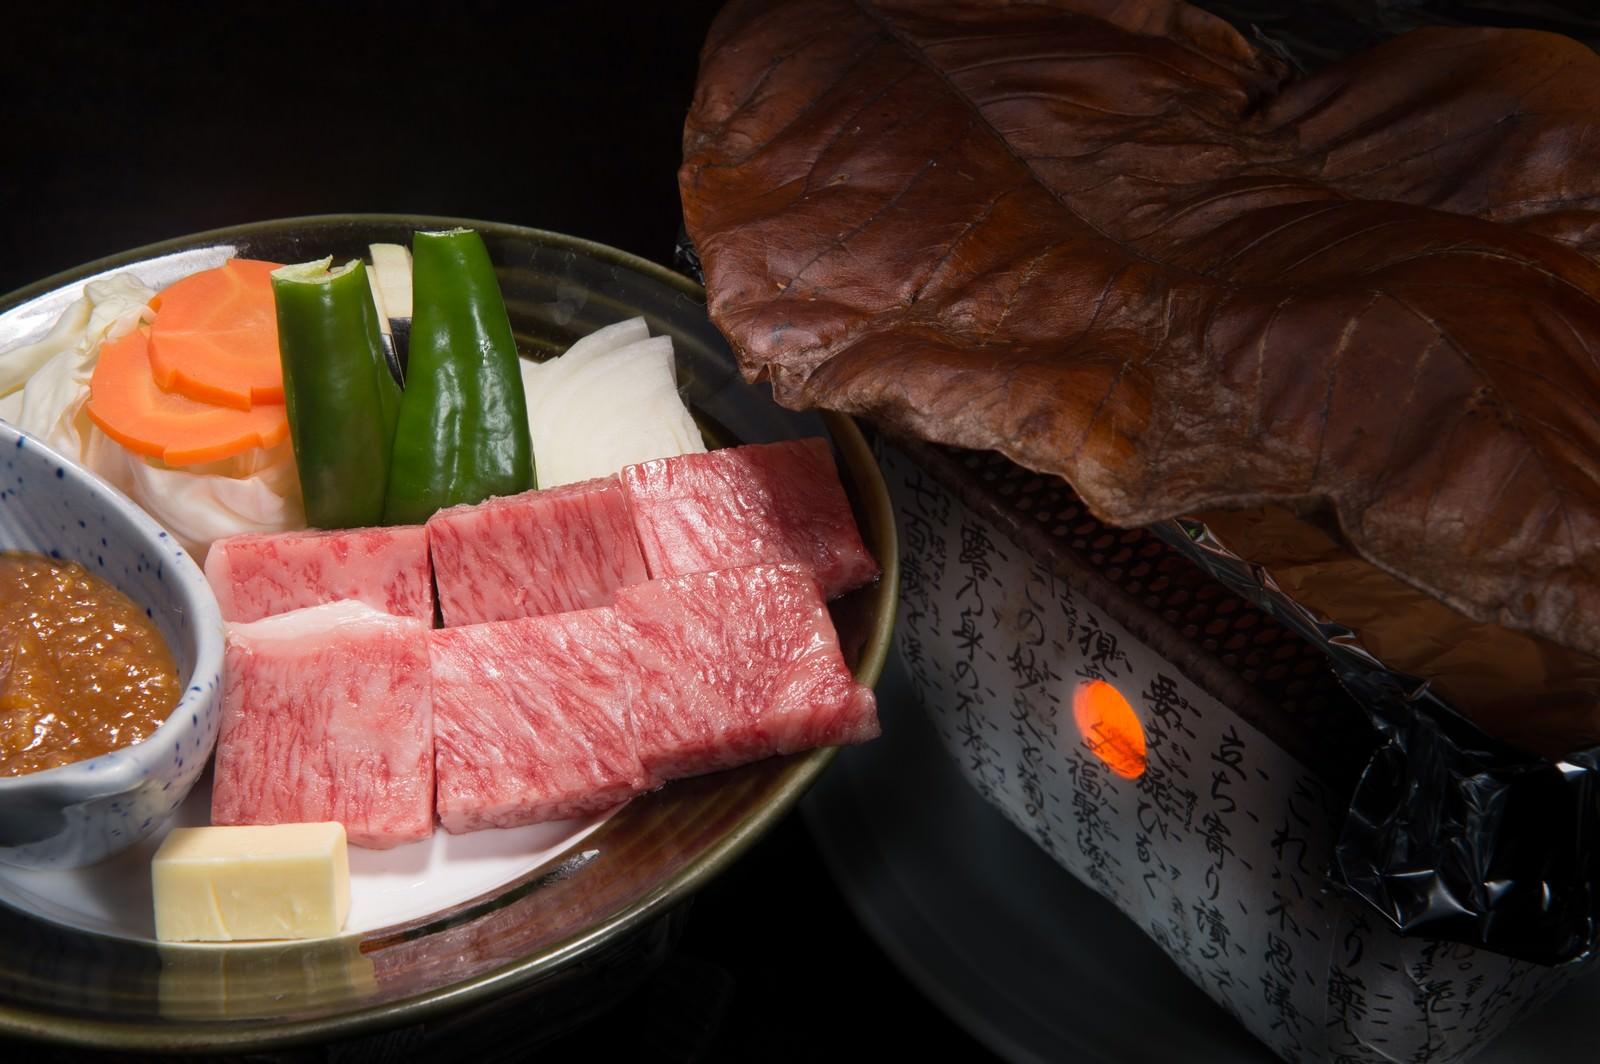 「炭火と朴葉でA5ランク飛騨牛ステーキを焼き上げる炭火と朴葉でA5ランク飛騨牛ステーキを焼き上げる」のフリー写真素材を拡大